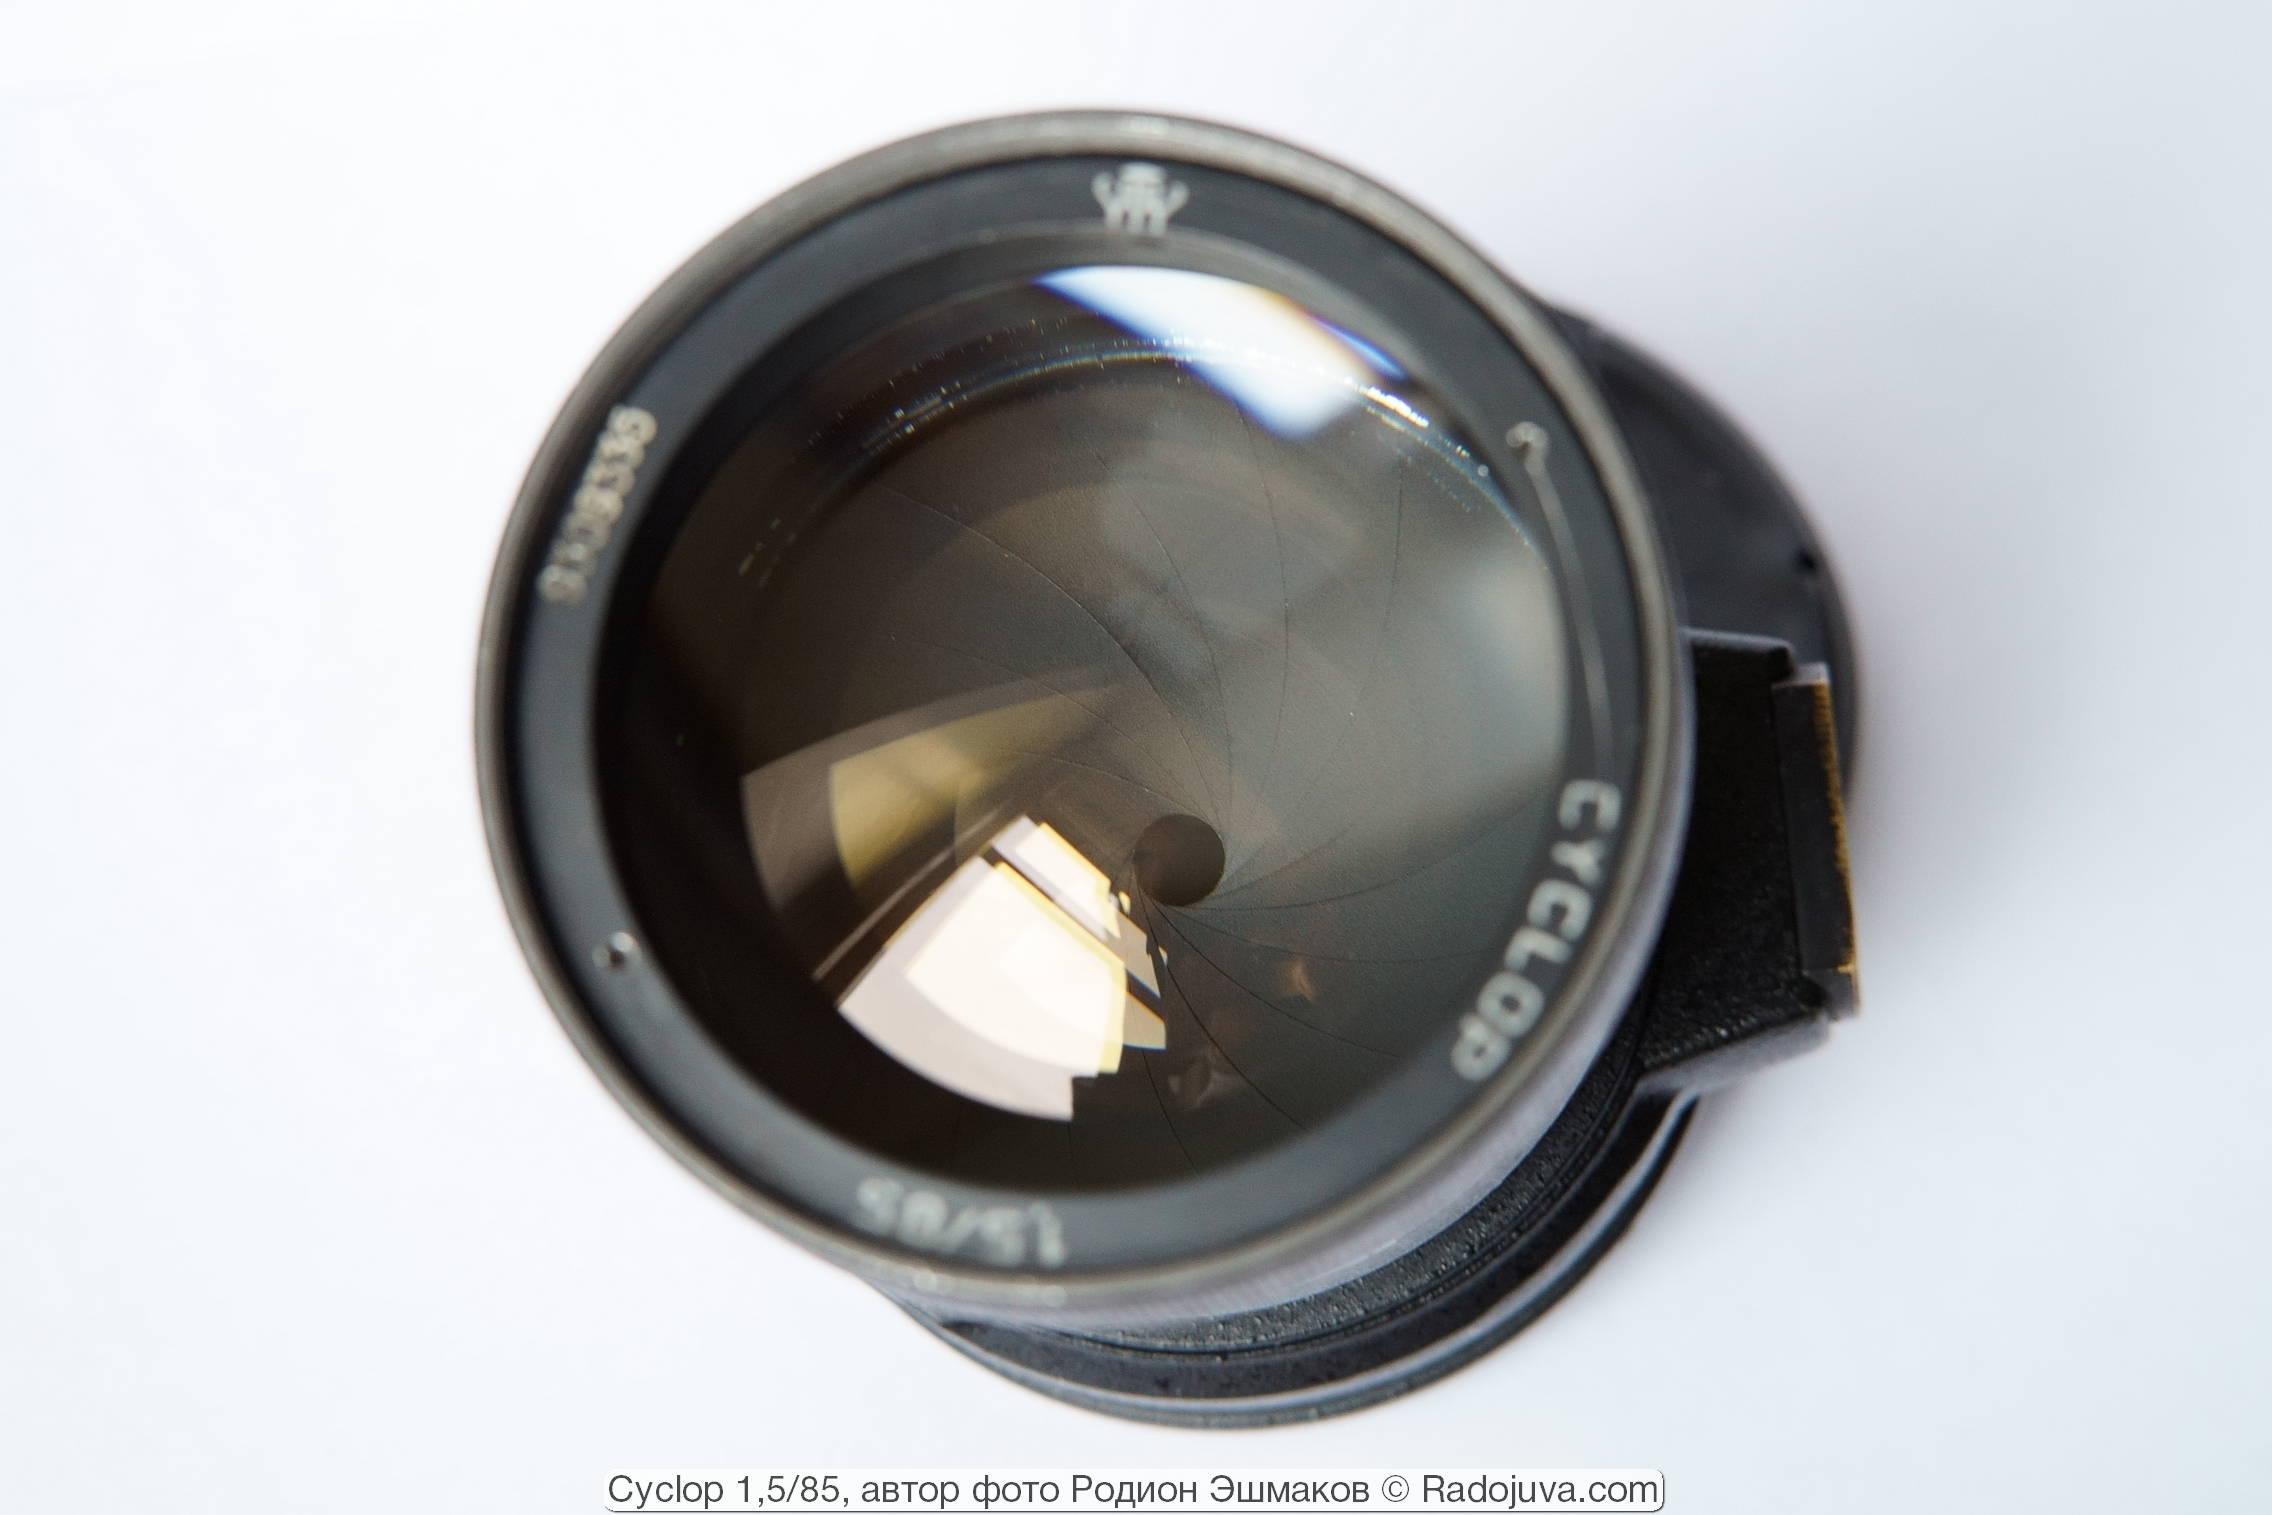 Вид установленной внутрь объектива многолепестковой ирисовой диафрагмы.